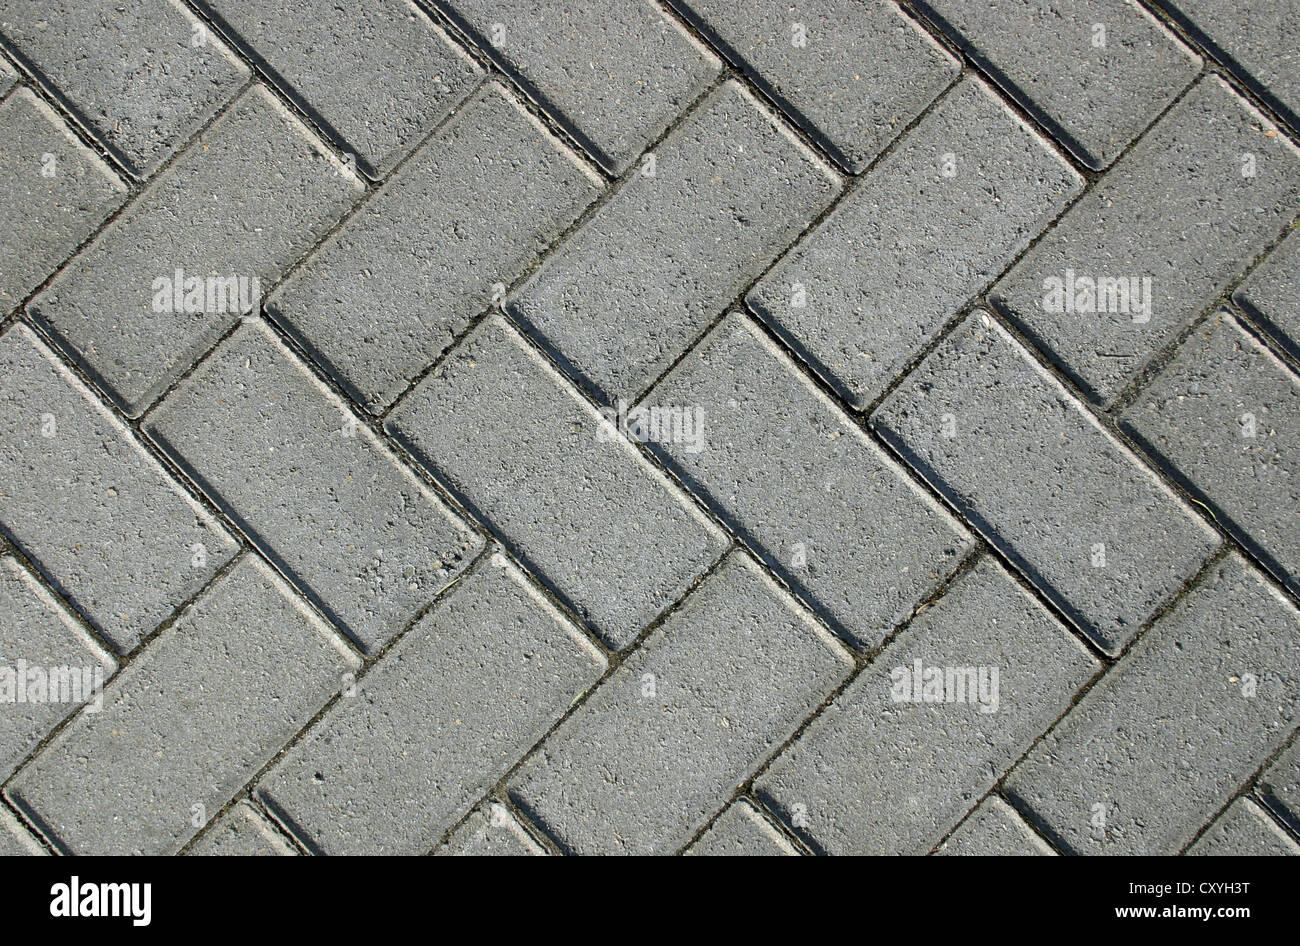 La texture d'une brique à pied adapté pour différents Photo Stock